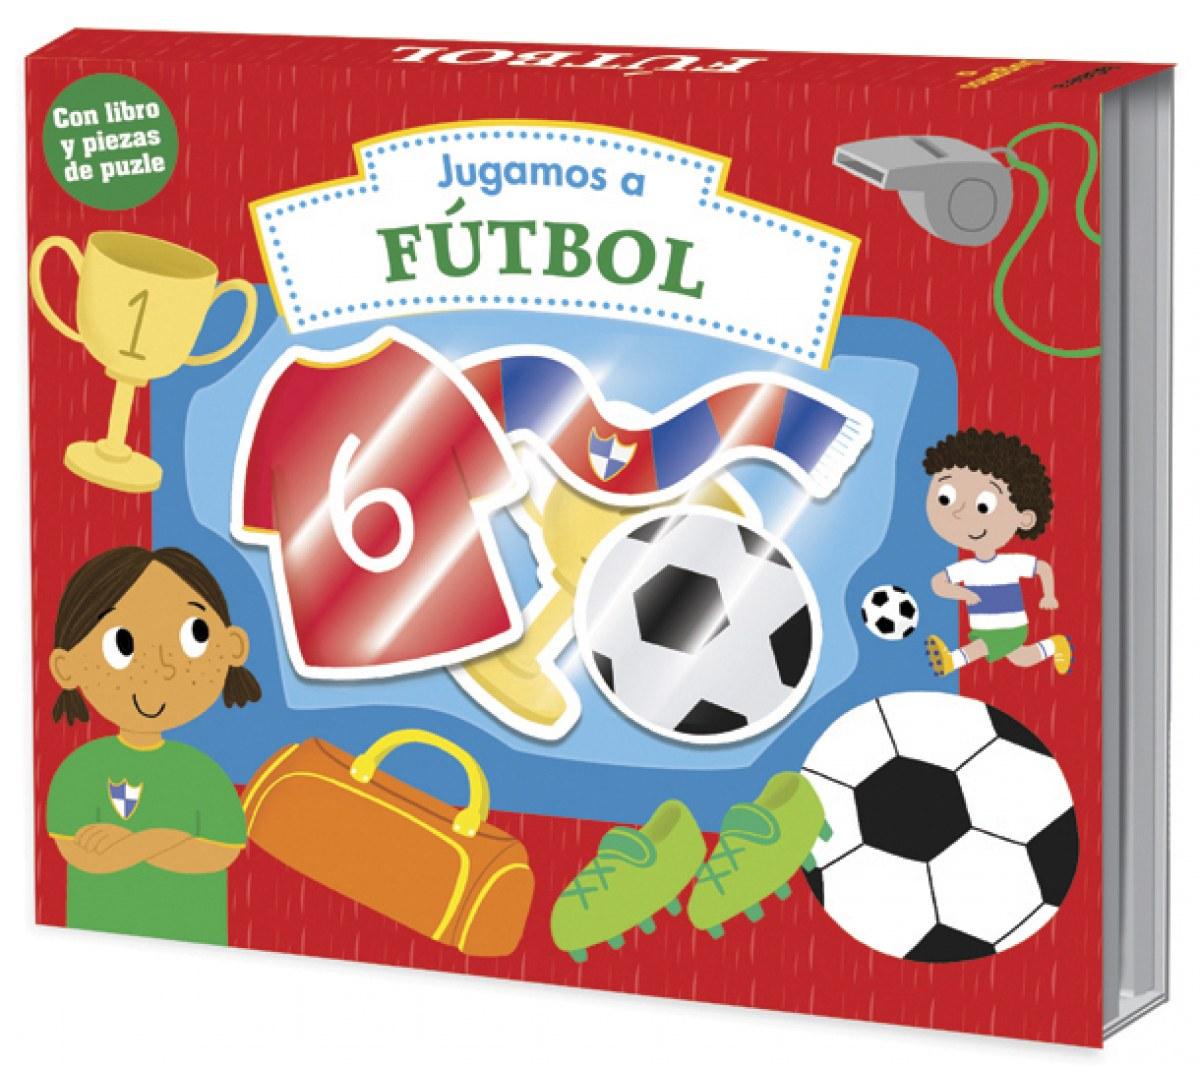 Jugamos a fútbol